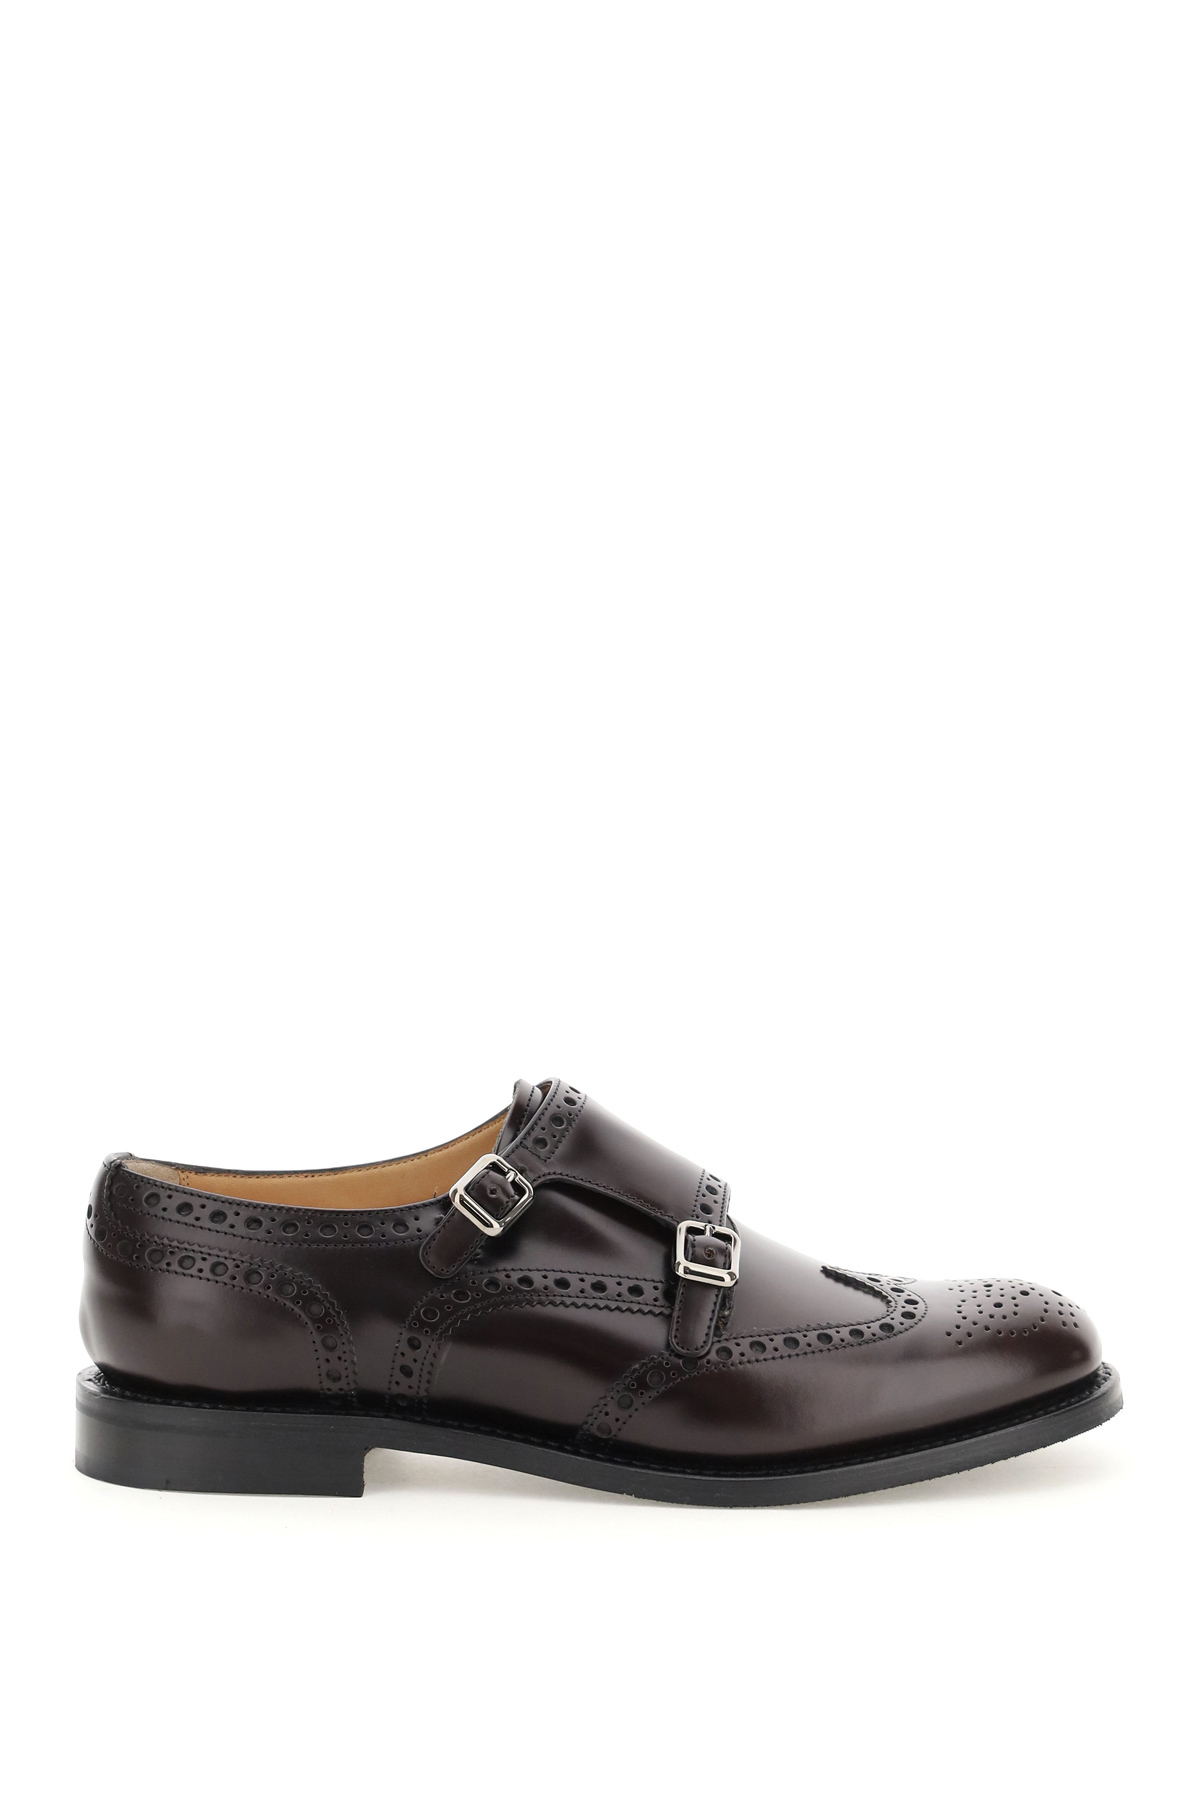 Church's scarpa lana r con doppio monk strap